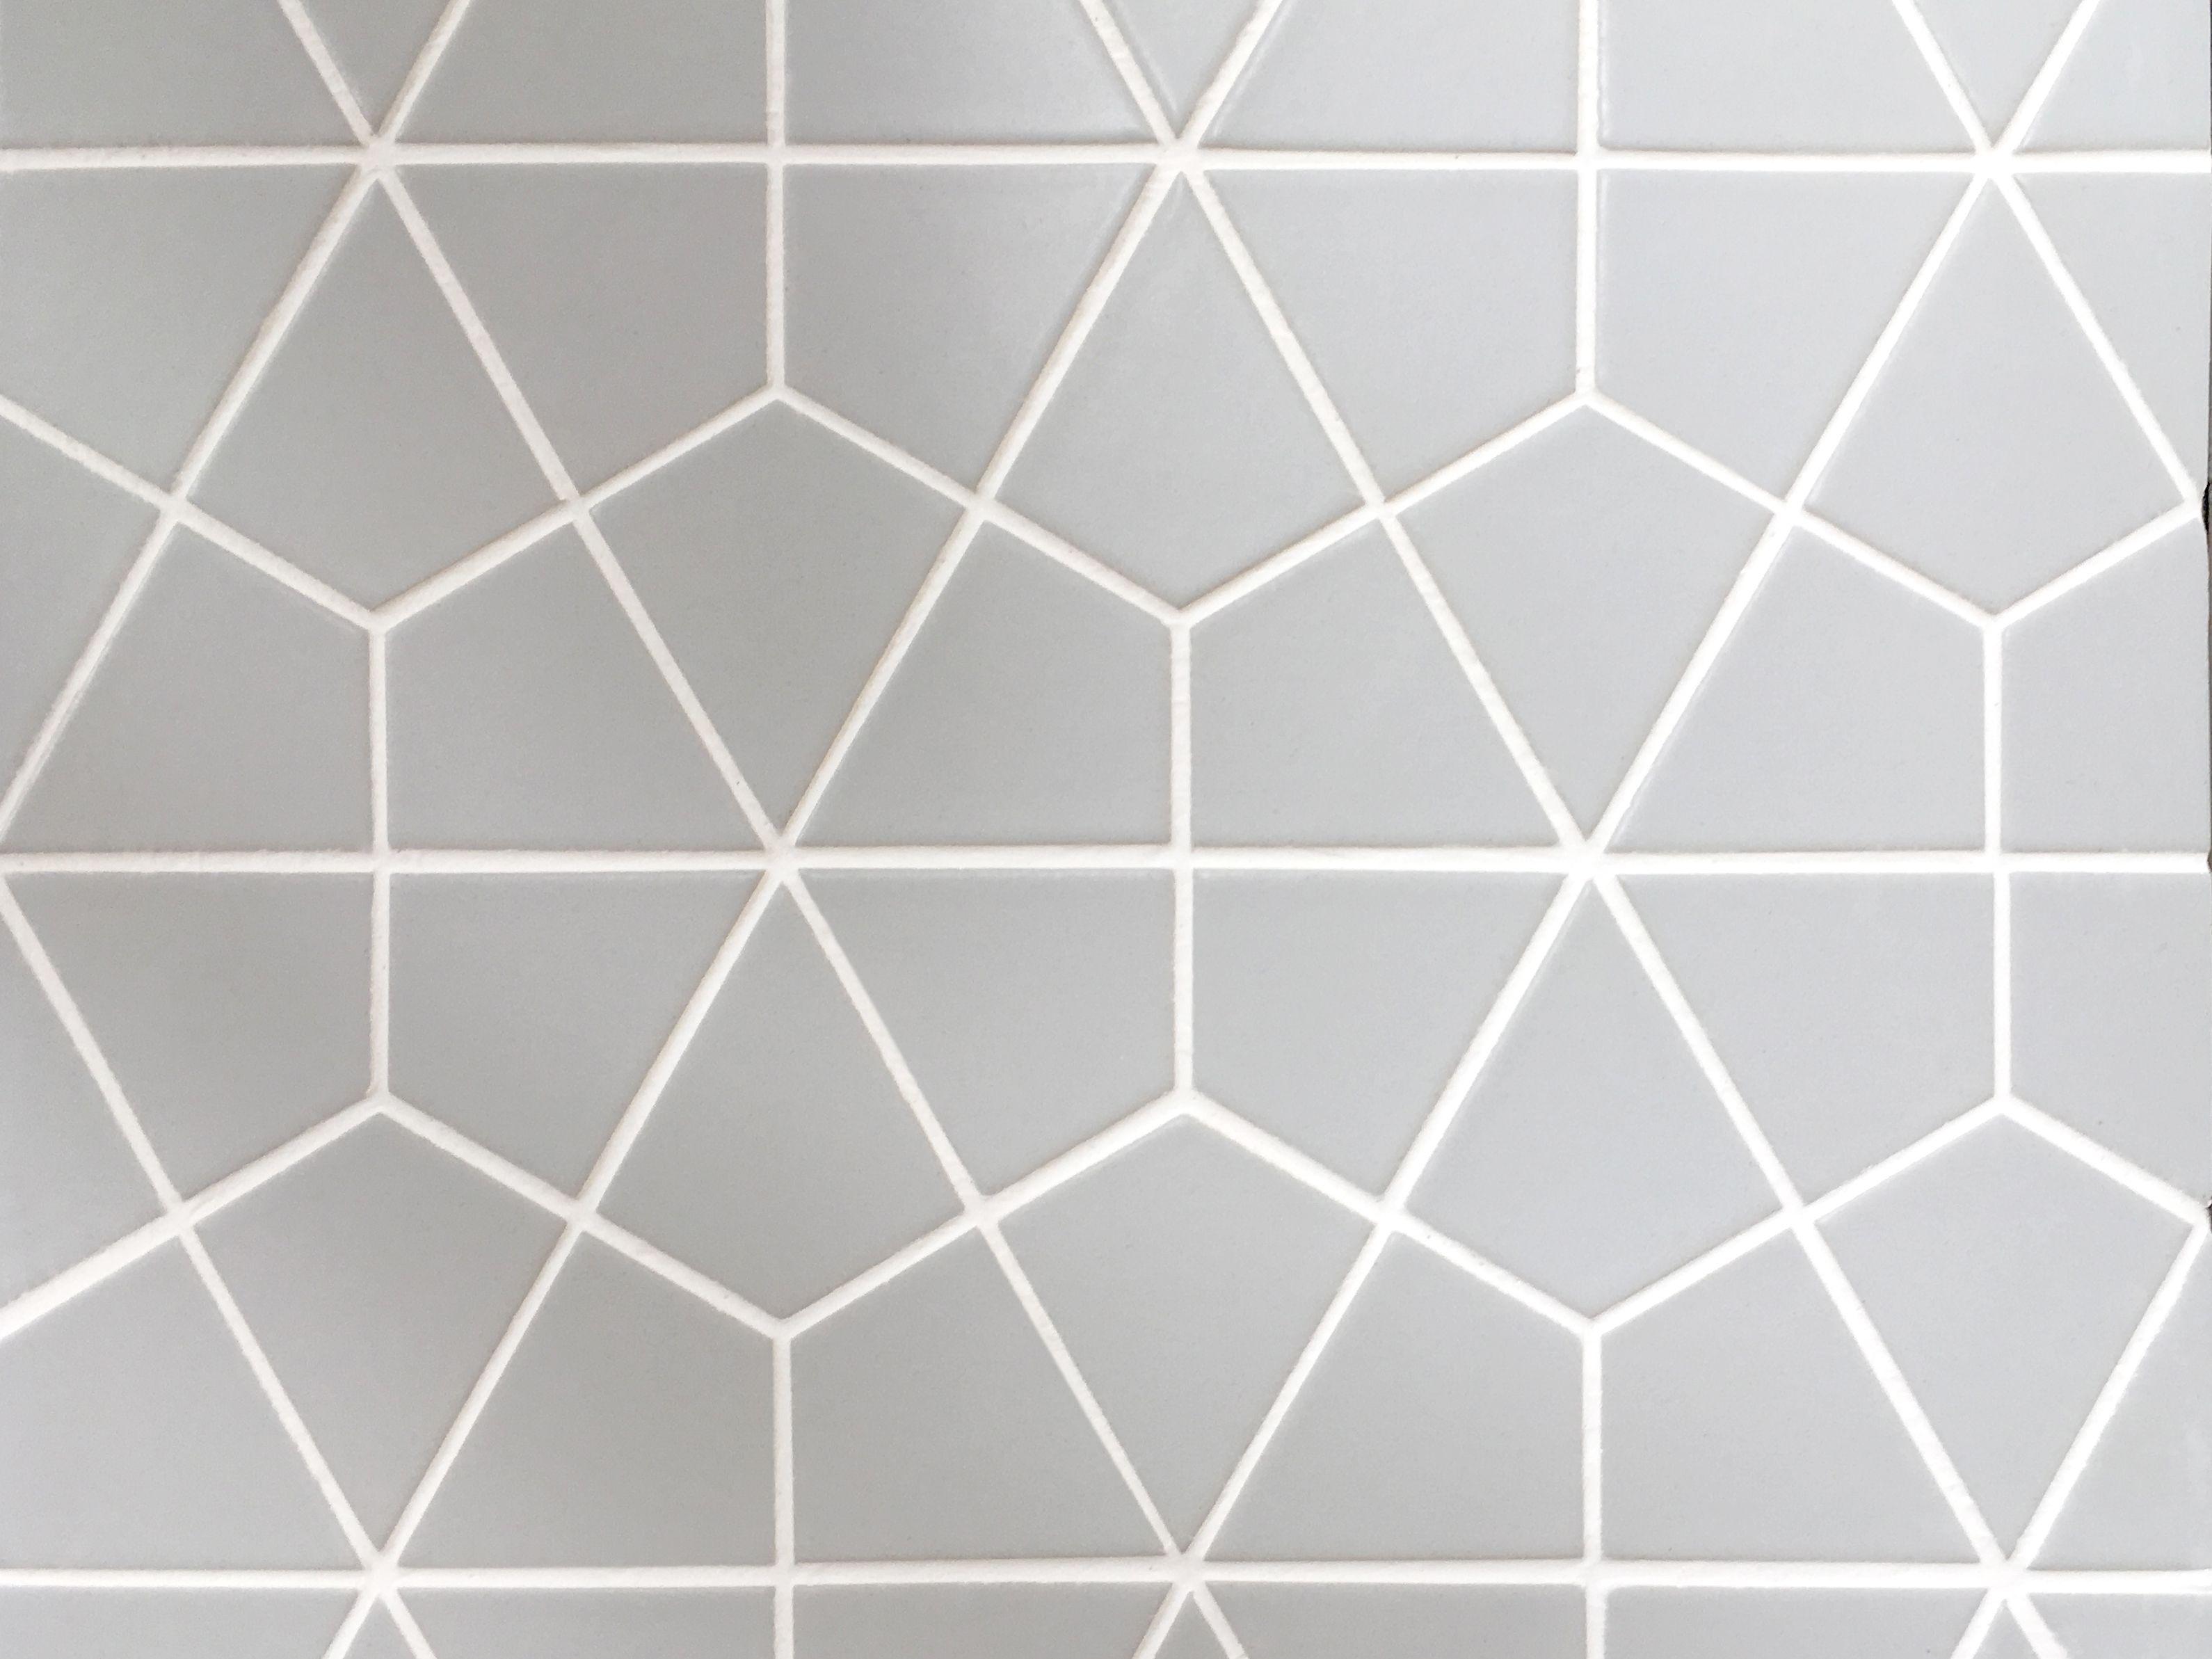 Credence En Gres Cerame carreaux tomettes hexagonales en 6 modules décalés x